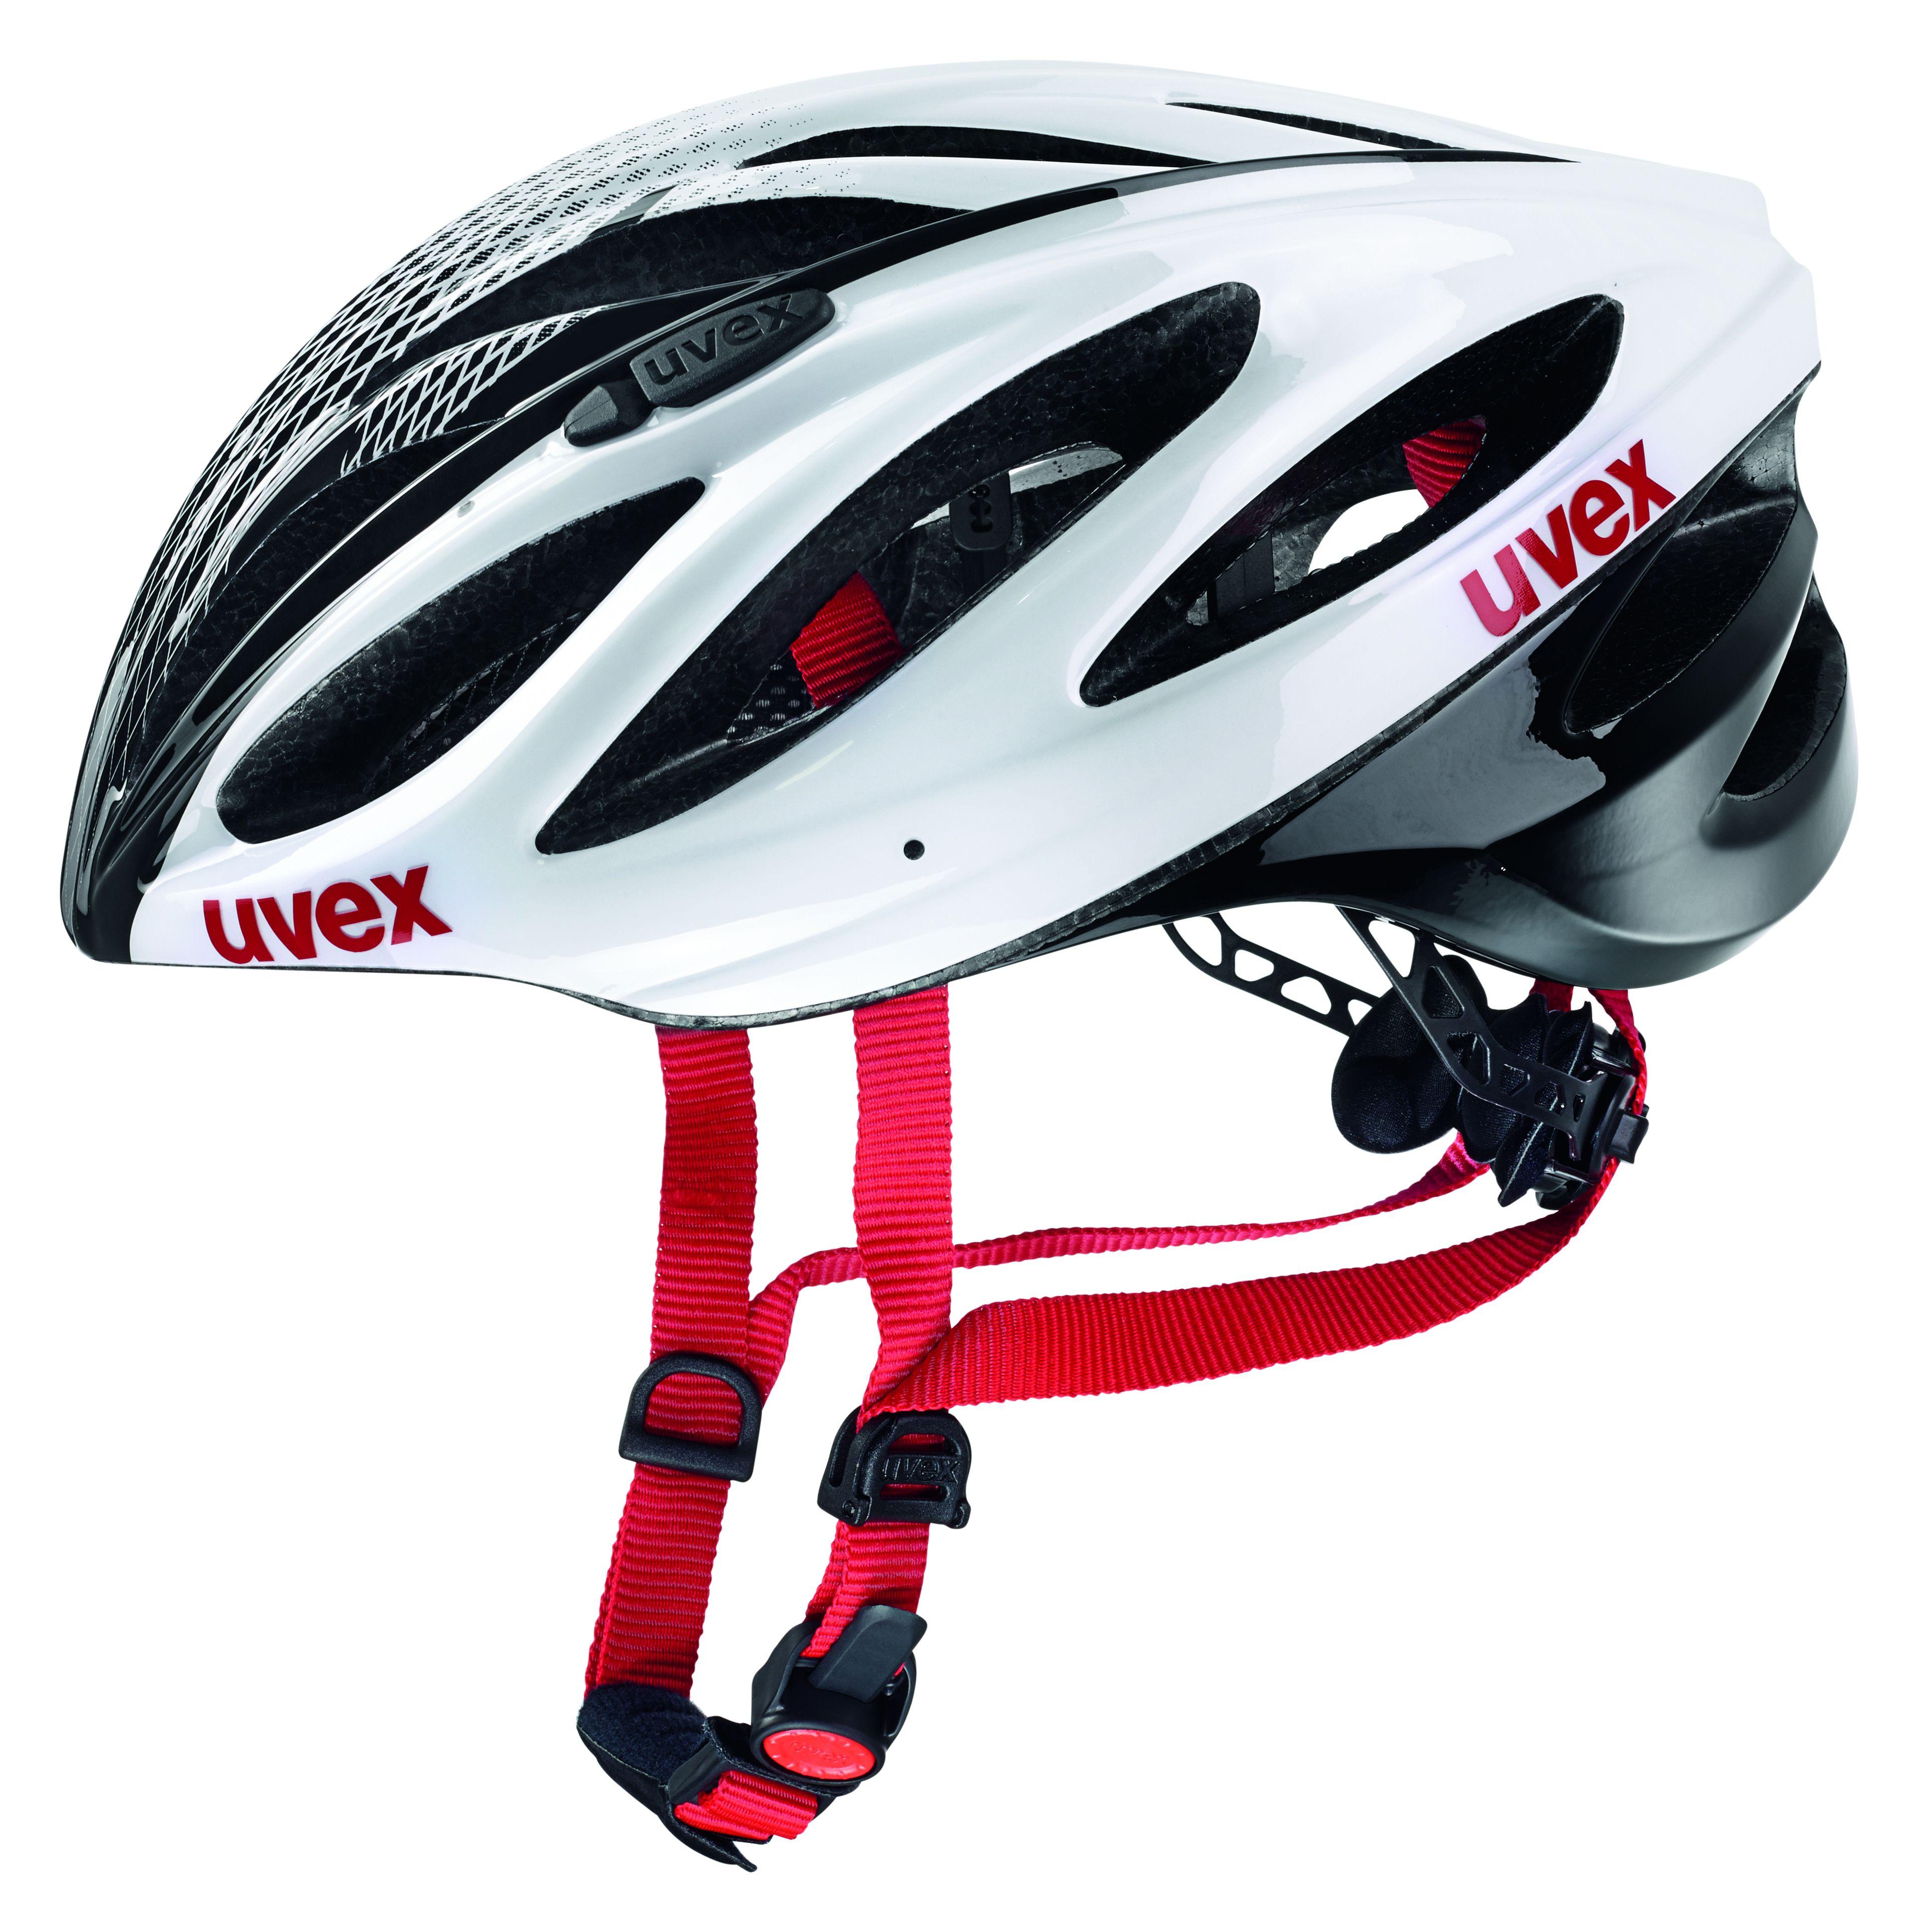 Uvex BOSS RACE, kolesarska čelada, bela